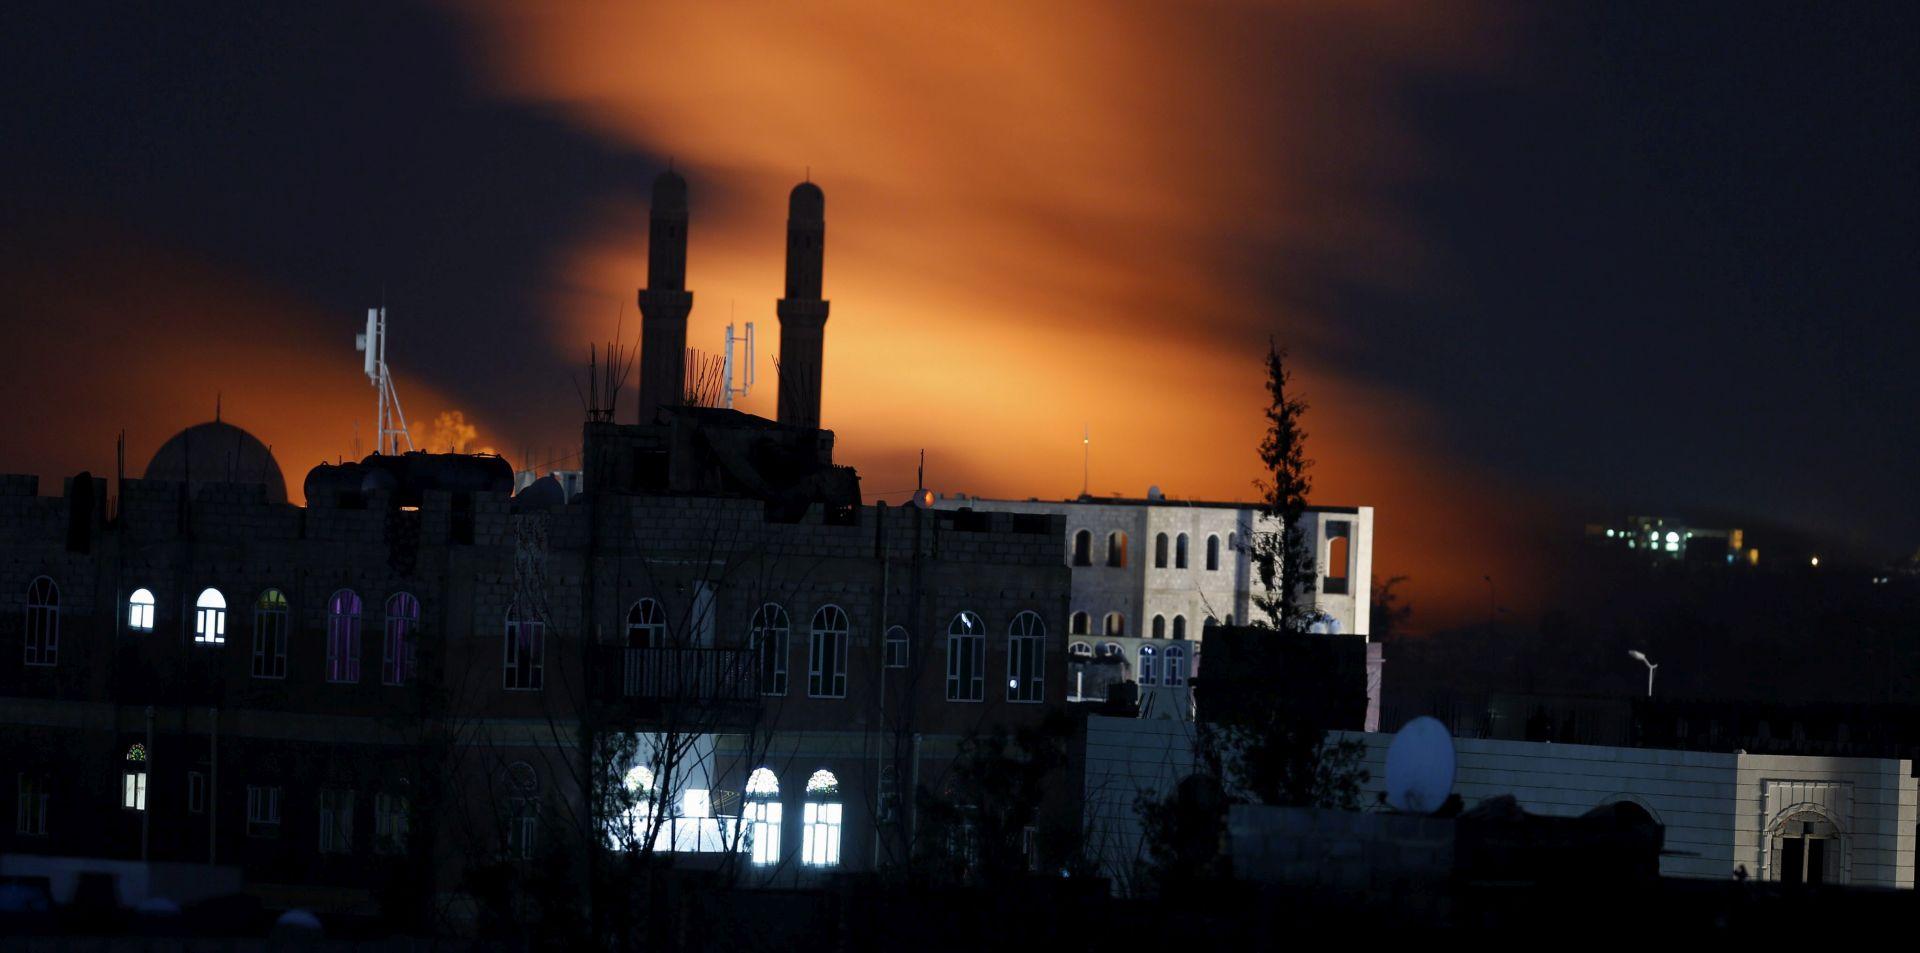 JEMEN U zračnom napadu na pogreb ubijeno najmanje 82 ljudi, više od 500 ranjeno